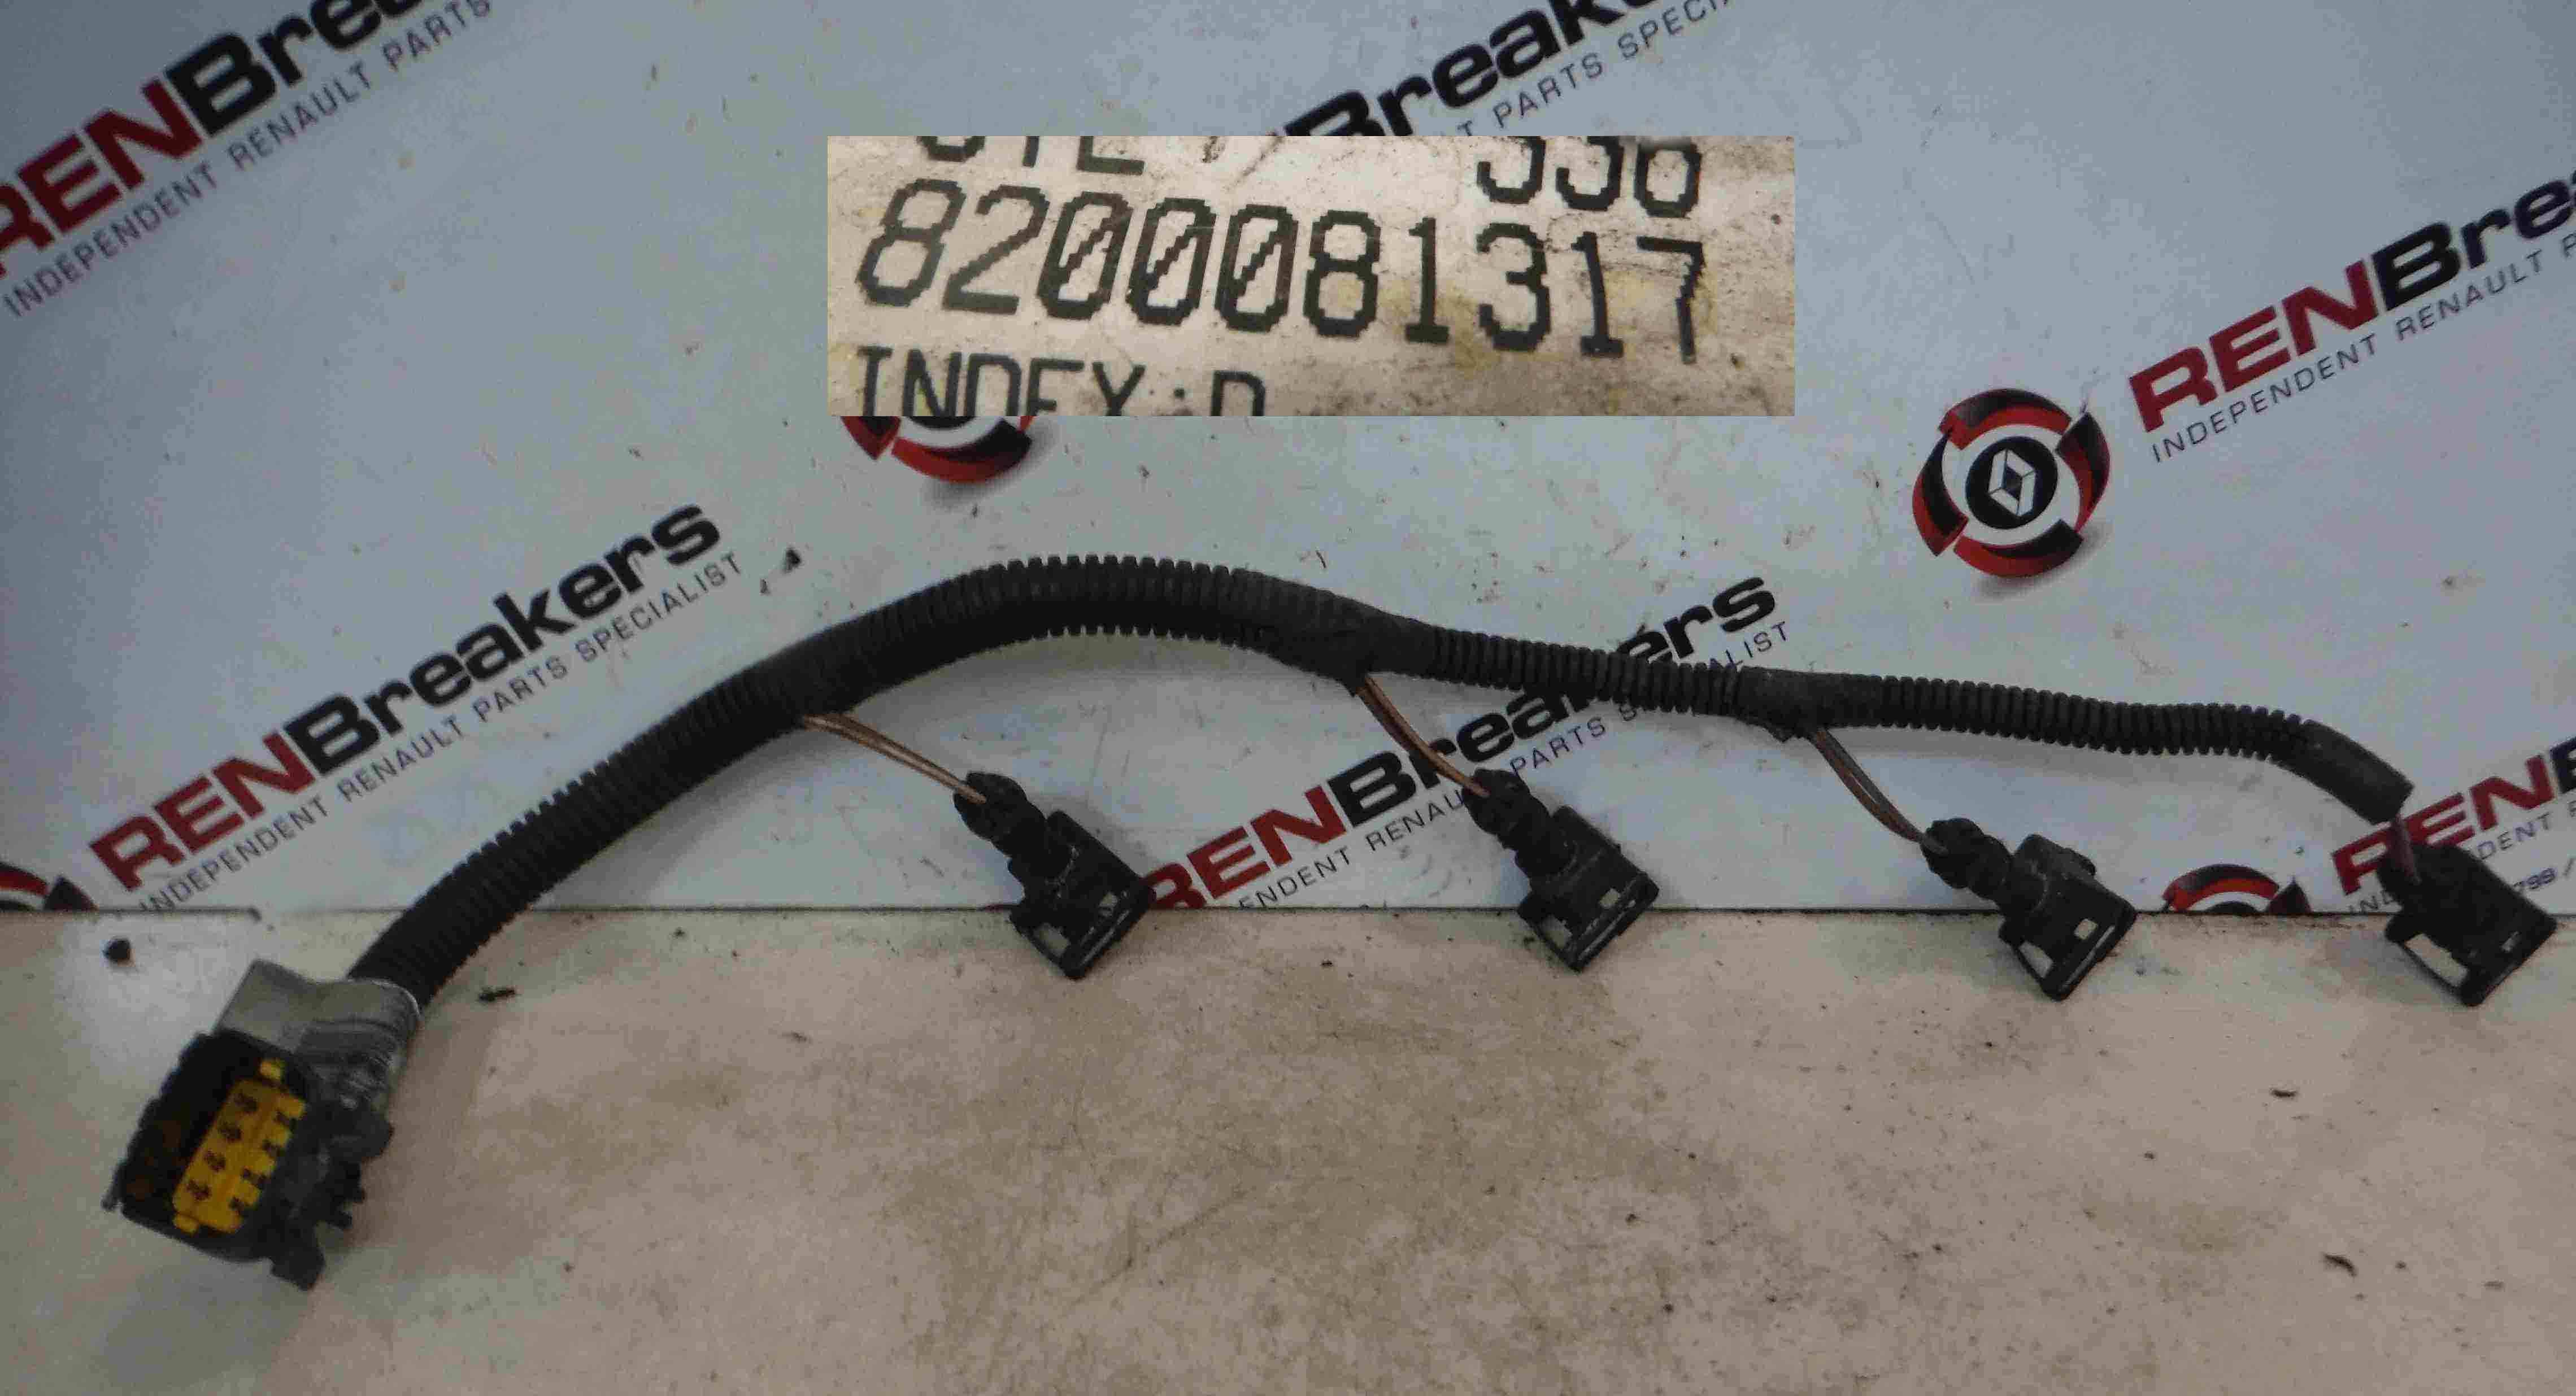 Renault Megane 2002-2008 + MK3 1.6 16v Injector Wiring Loom 8200081317